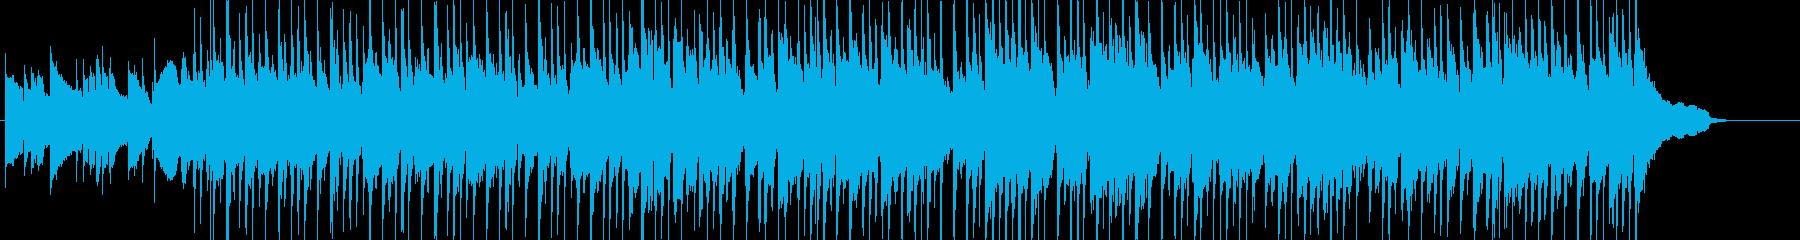 ドライブをイメージしたわくわくポップスの再生済みの波形